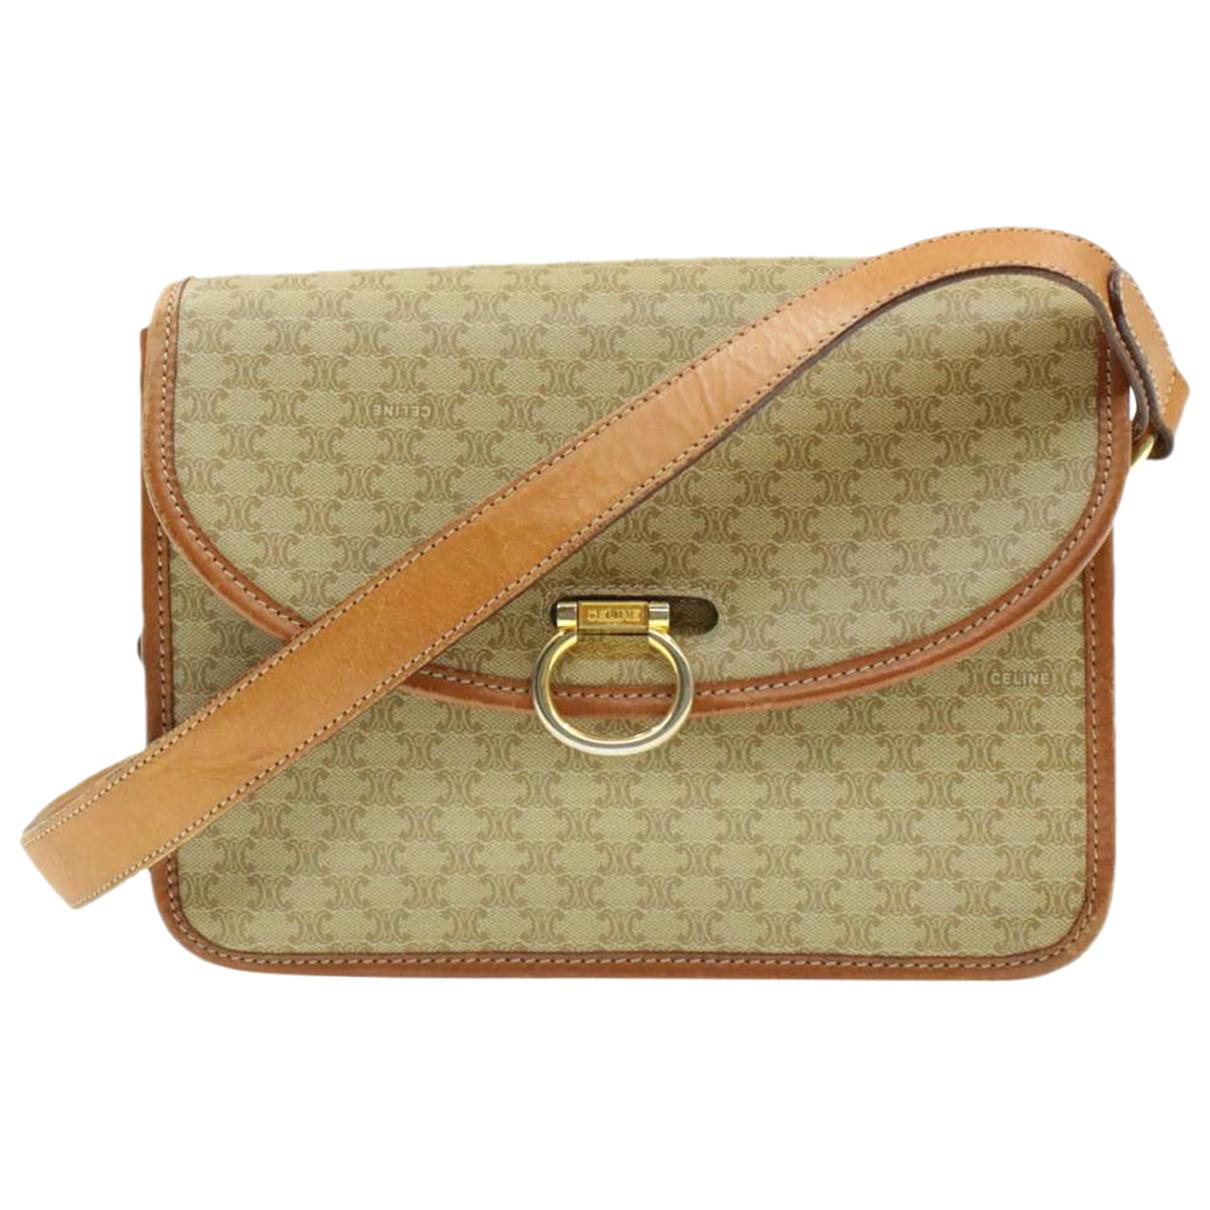 Celine \N Beige Cloth handbag for Women \N